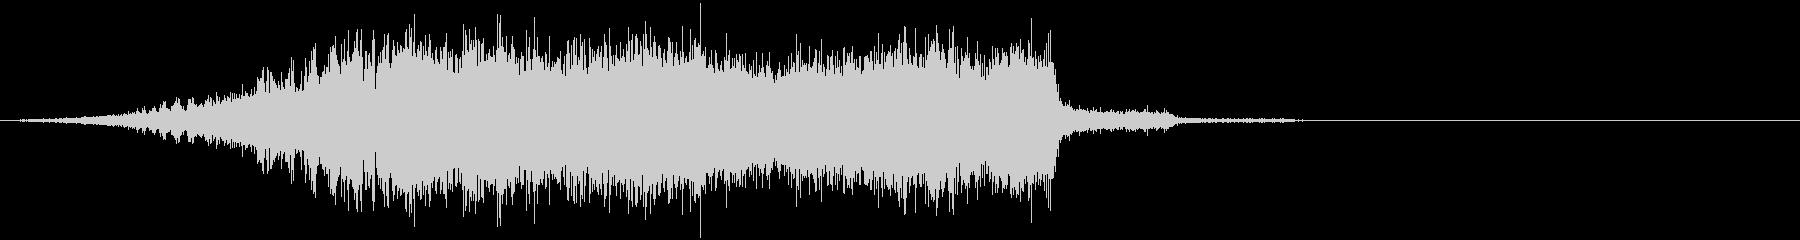 【シネマティック】ライザー_ 08の未再生の波形